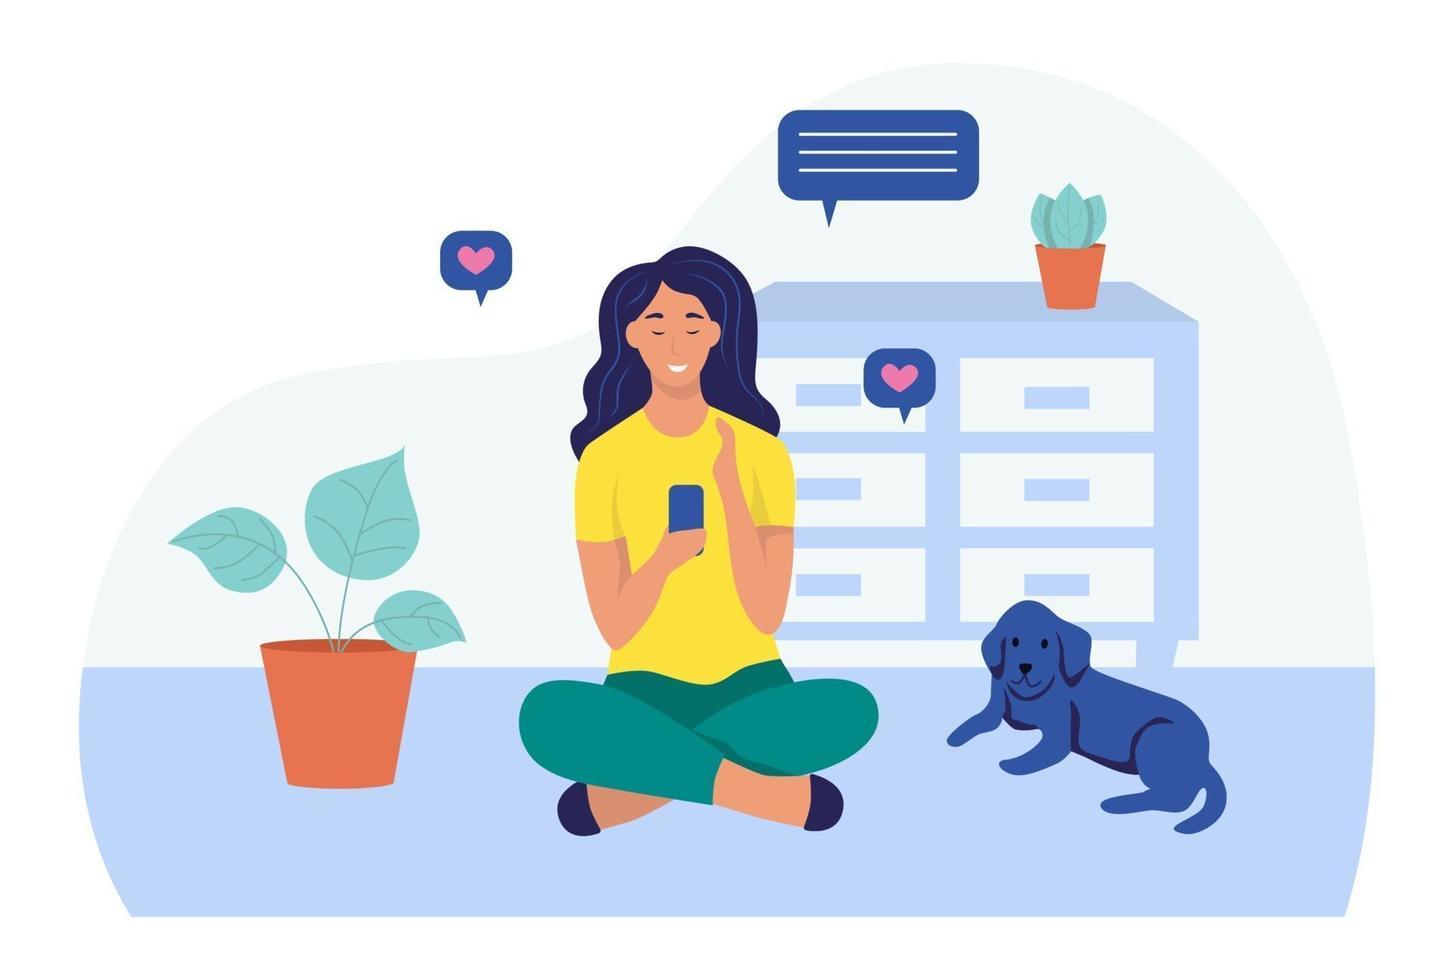 jovem usando o smartphone no chão. o conceito de comunicação online. vetor